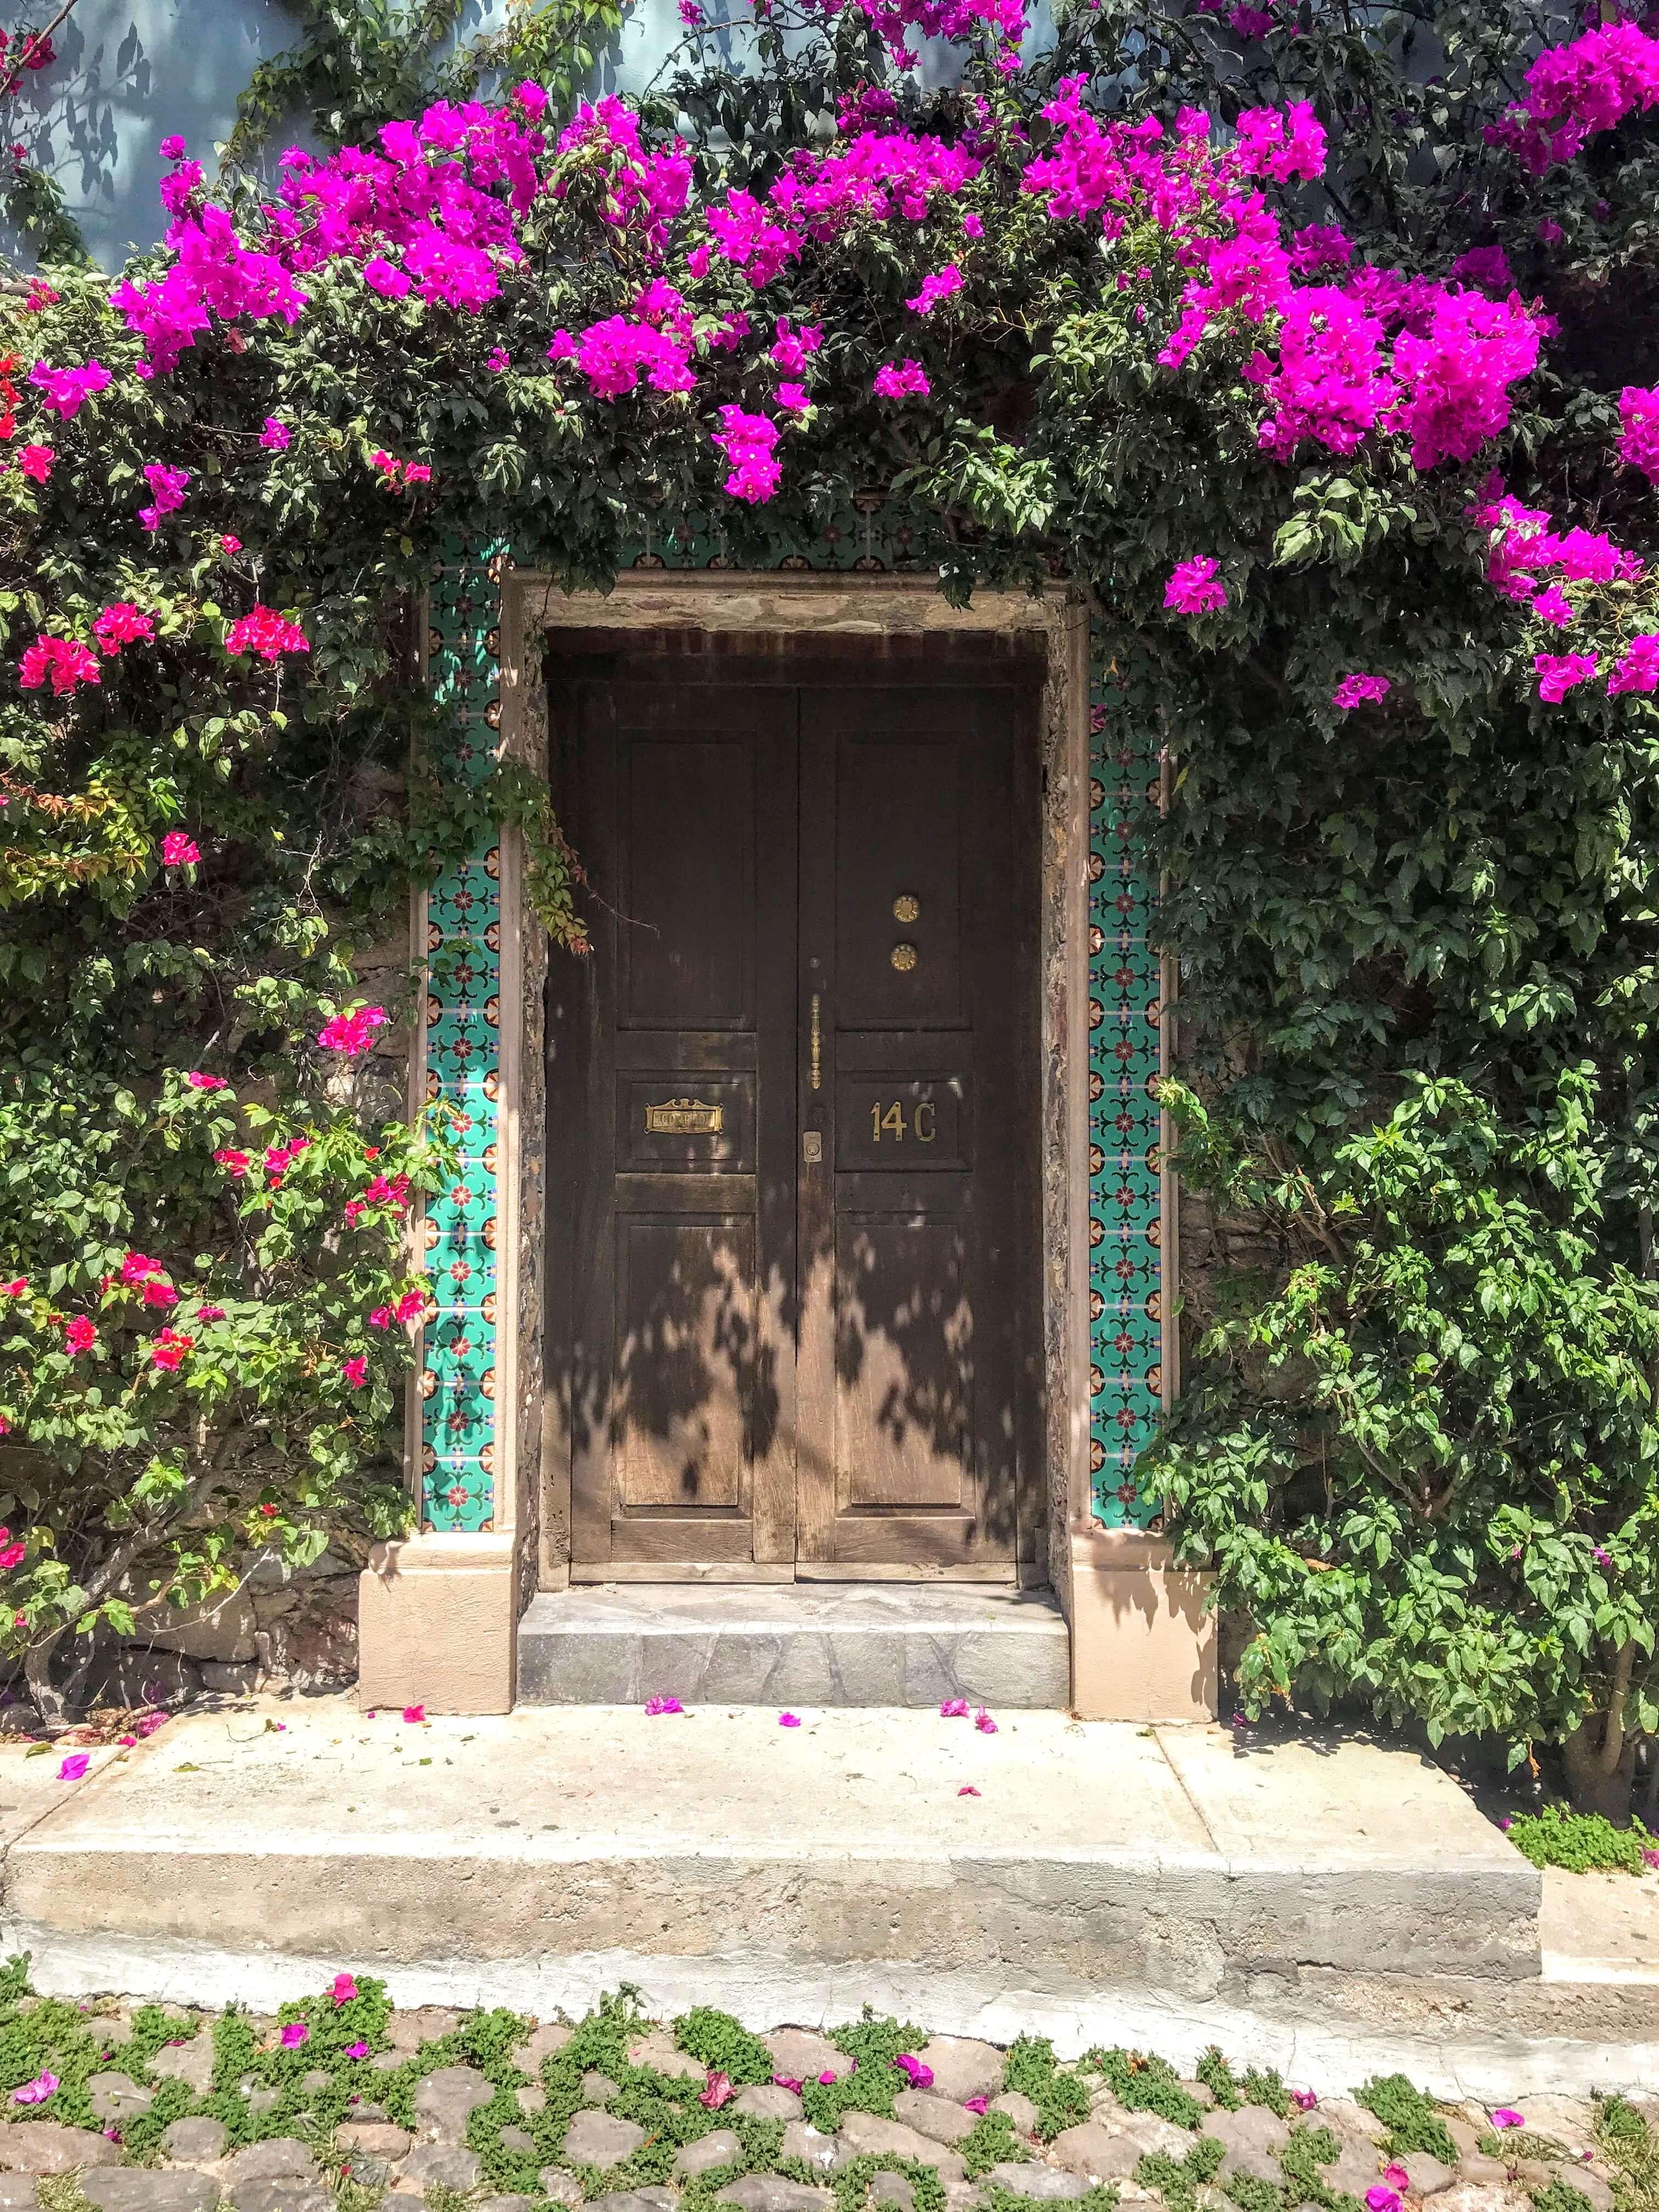 flower covered door in San Miguel de Allende